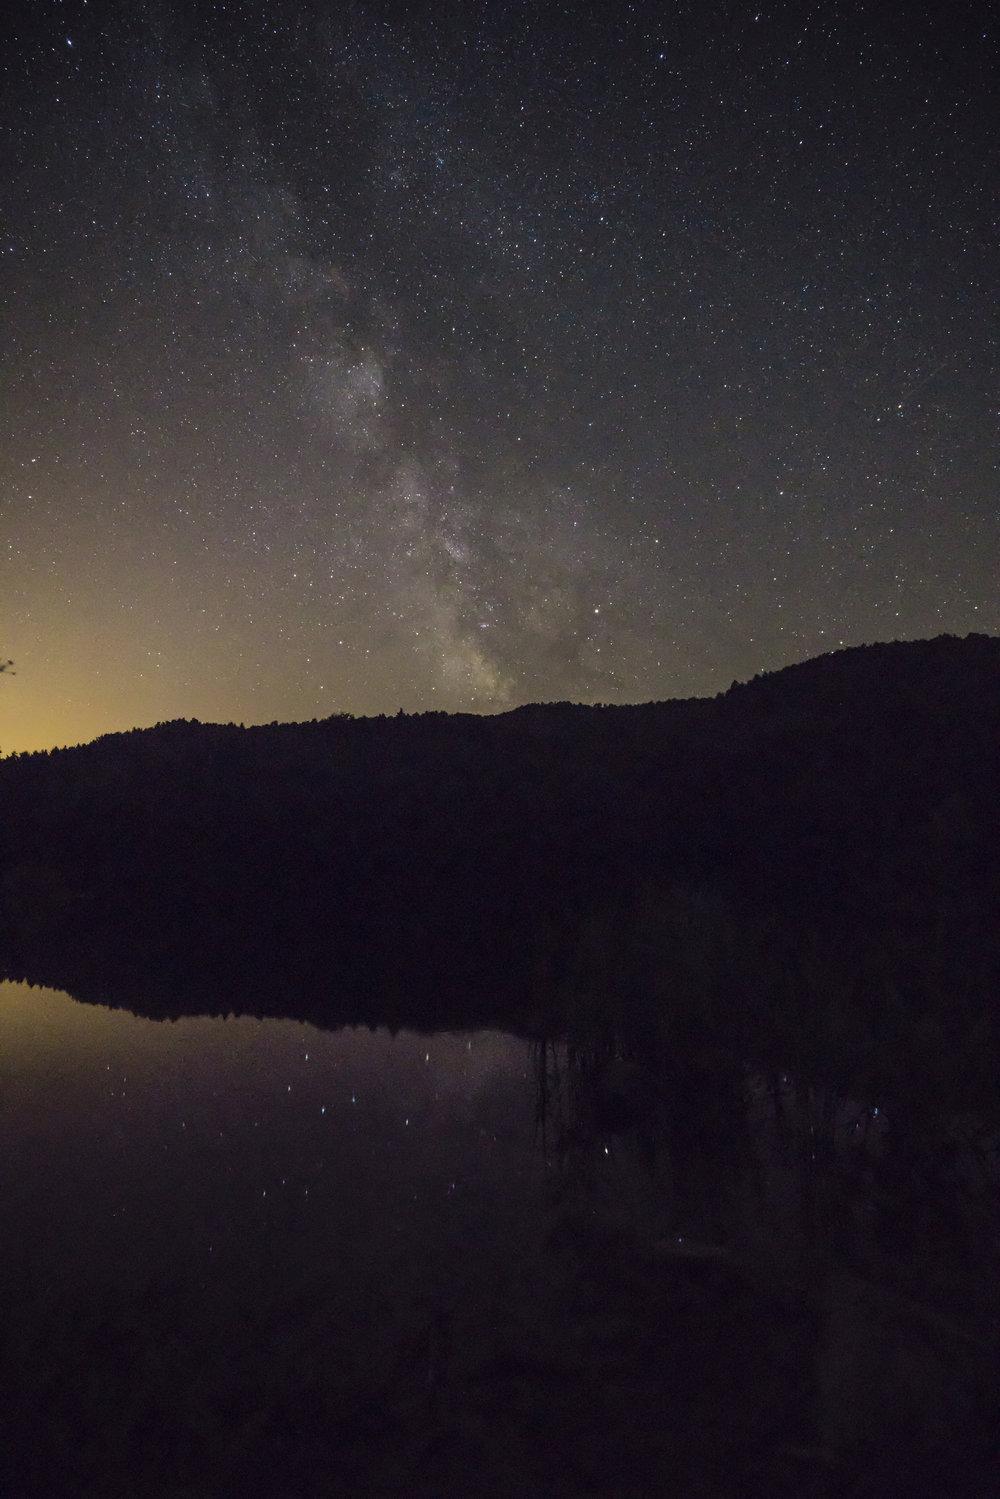 The Milky Way in all it's splendour.